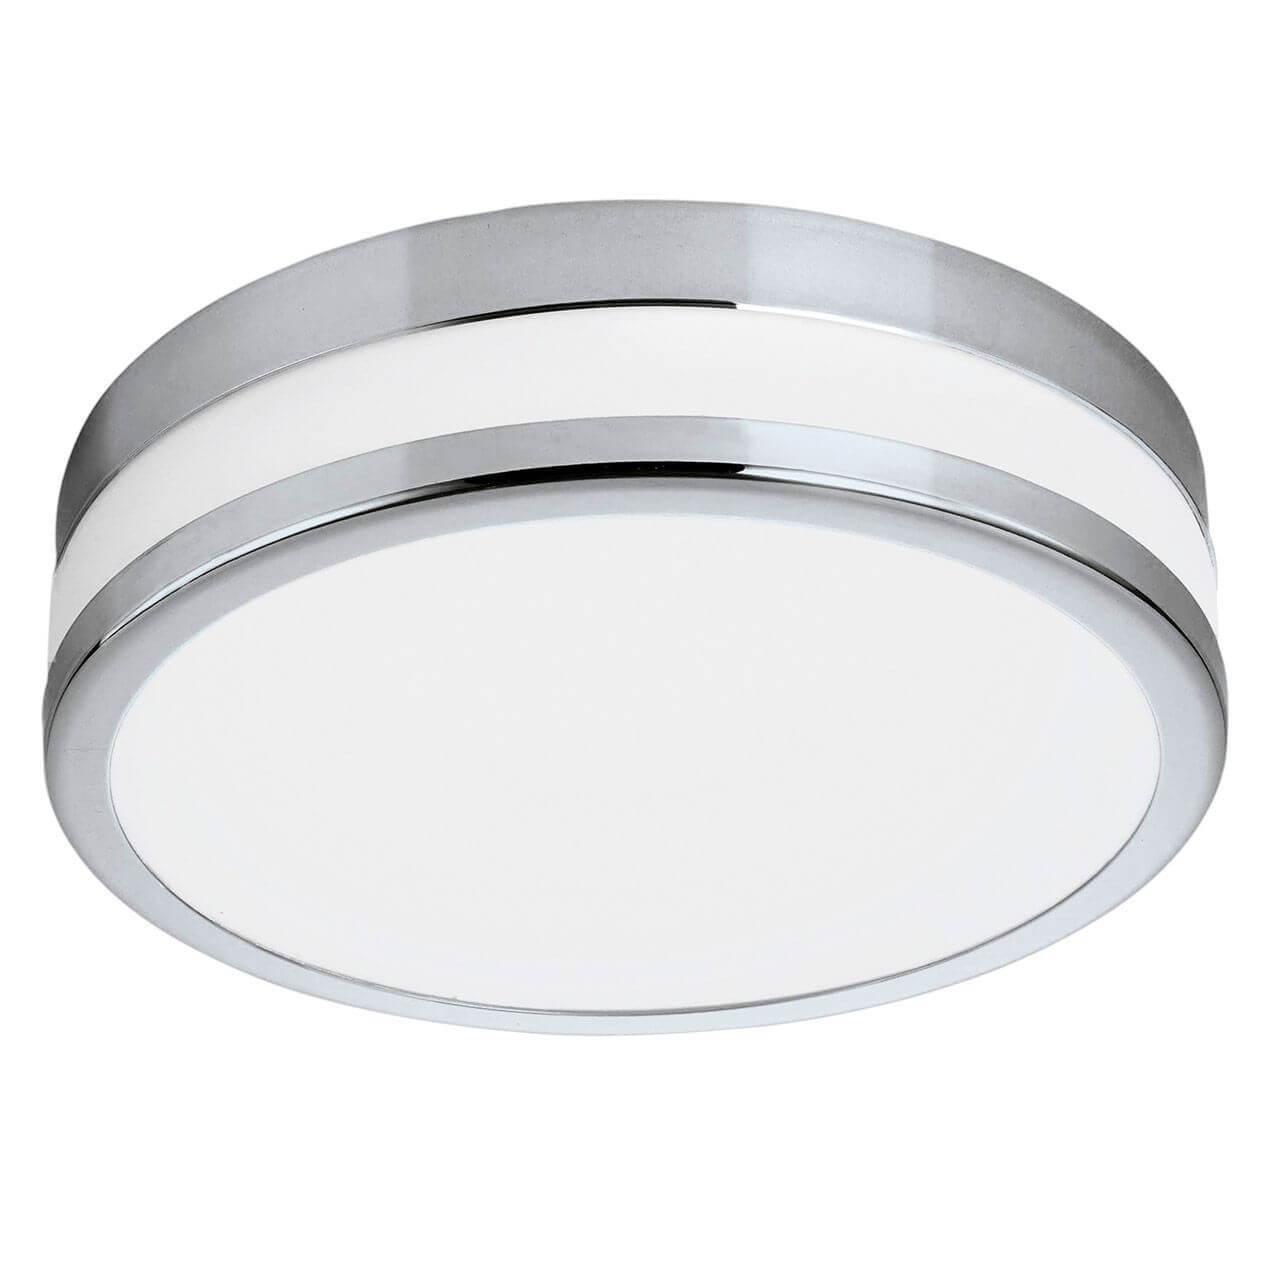 Настенно-потолочный светильник Eglo 94999, белый настенно потолочный светильник eglo 83155 белый